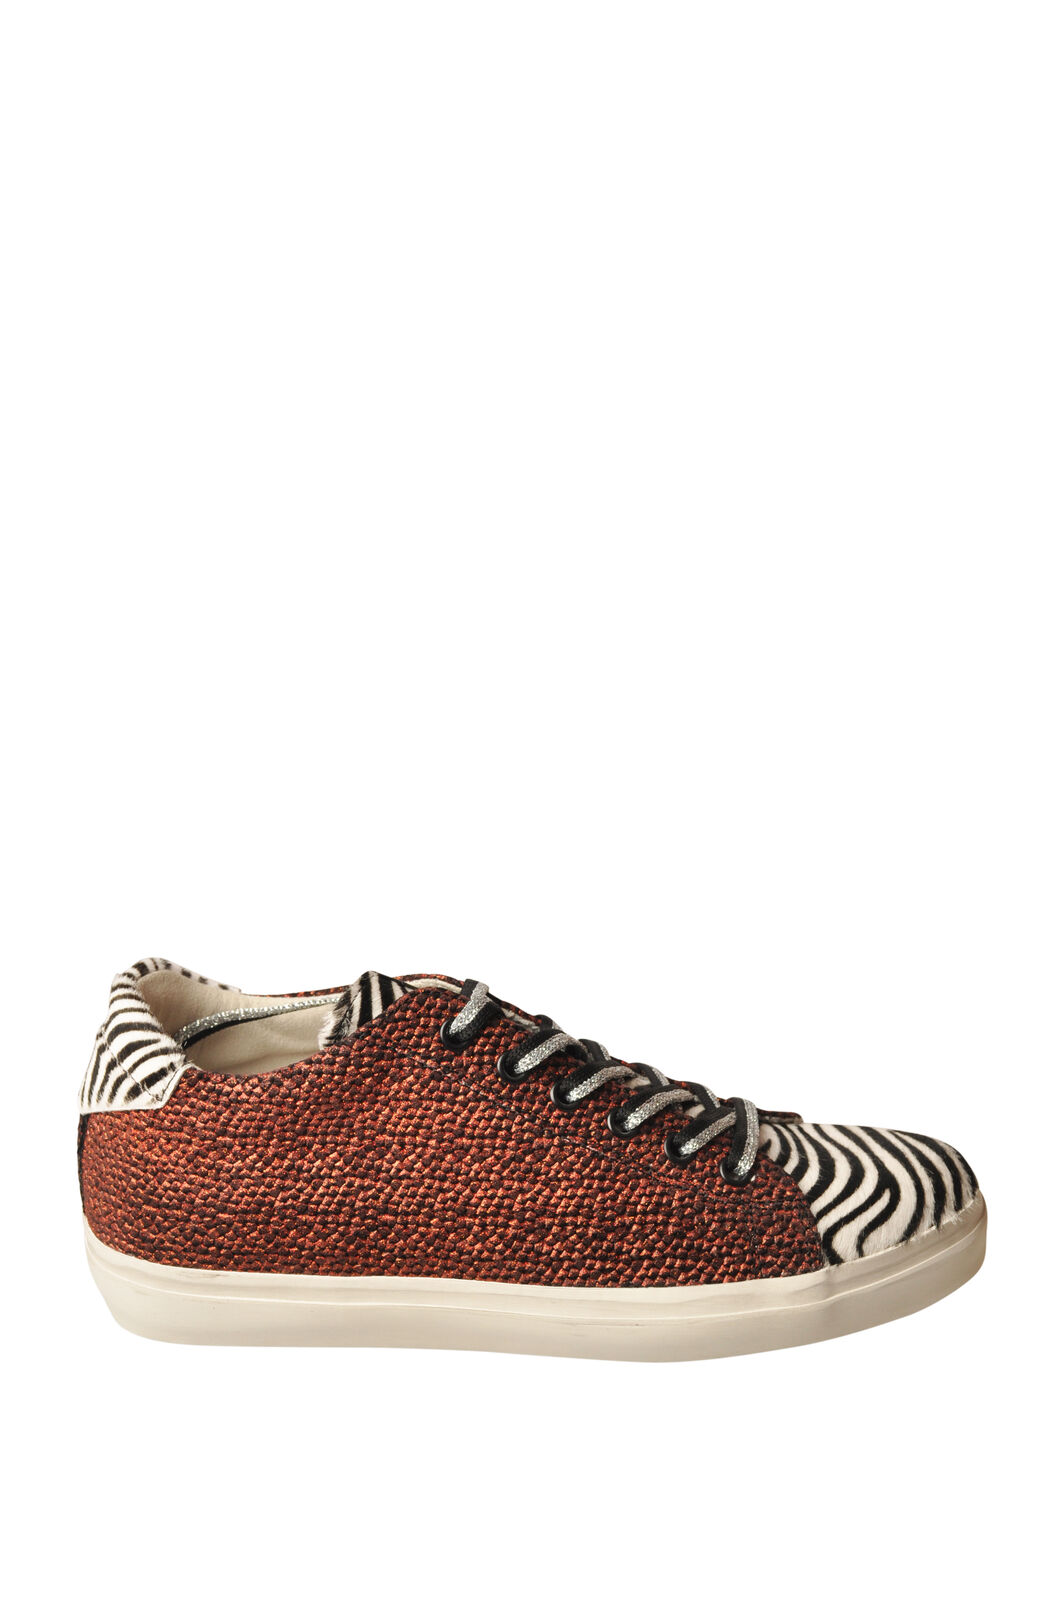 Leather Crown - zapatos-zapatillas low - Woman - Fantasy - 5858905A194147